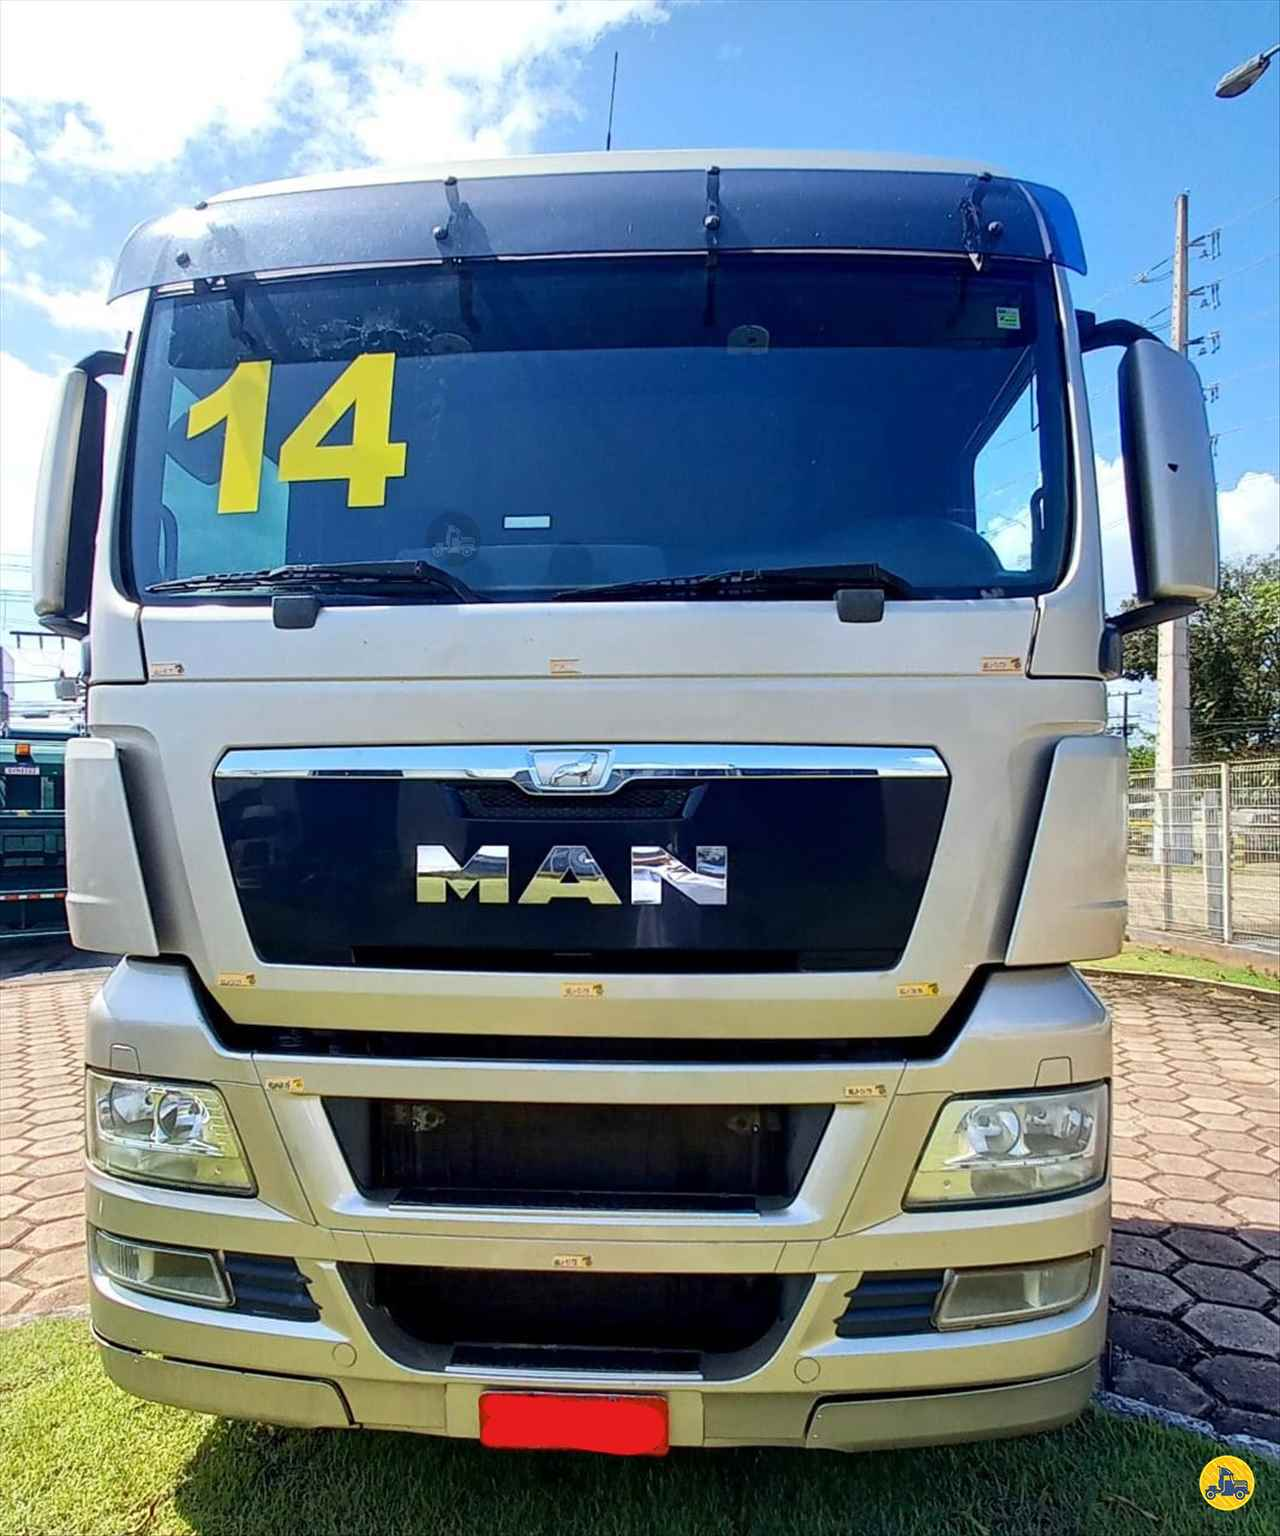 TGX 28 440 de Monaco Diesel - VW - ANANINDEUA/PA